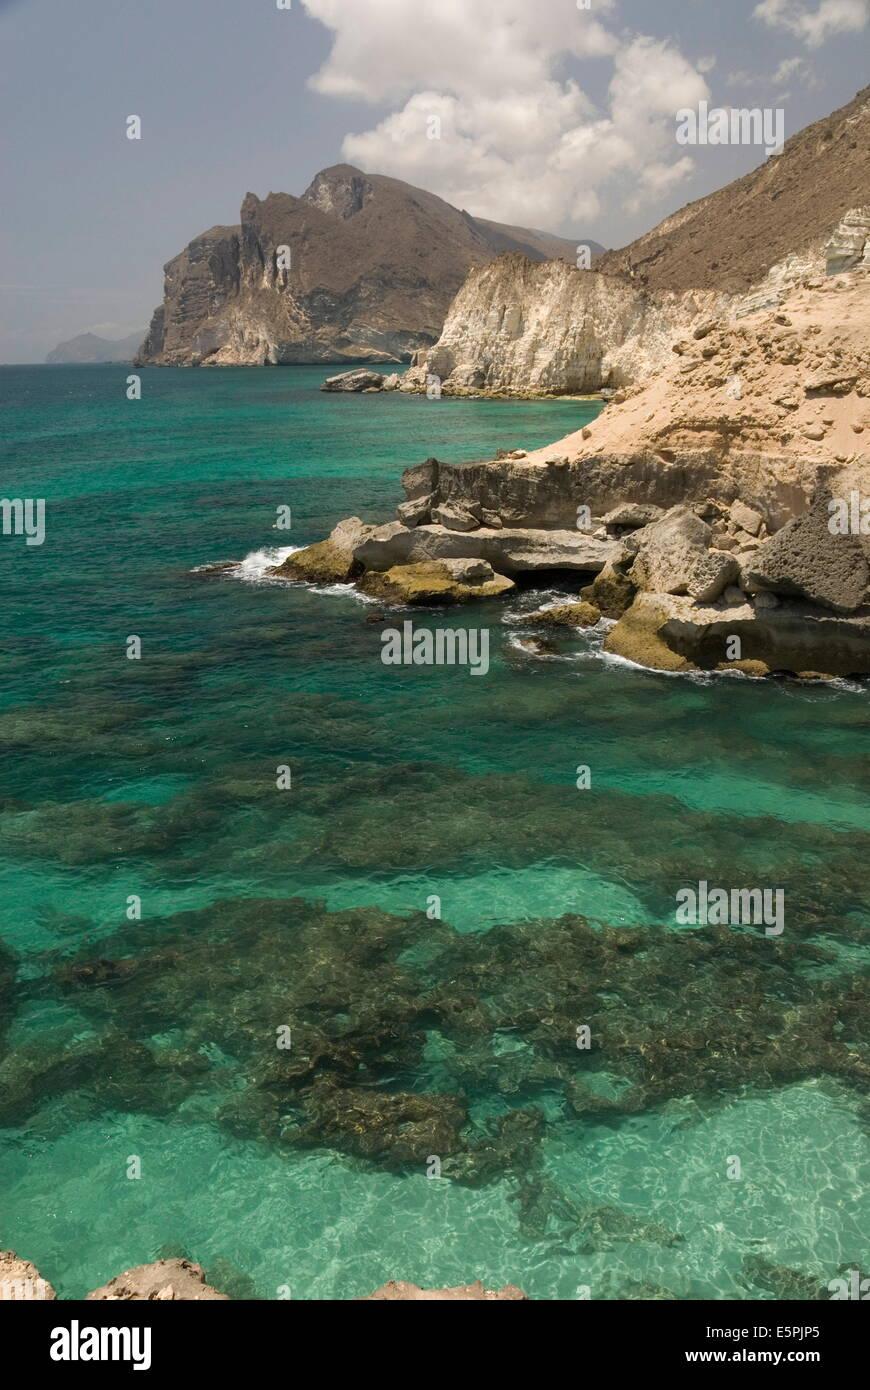 La piedra caliza de la costa sur de Omán, Mughsayl, Salalah, Dhofar, Omán, Oriente Medio Imagen De Stock